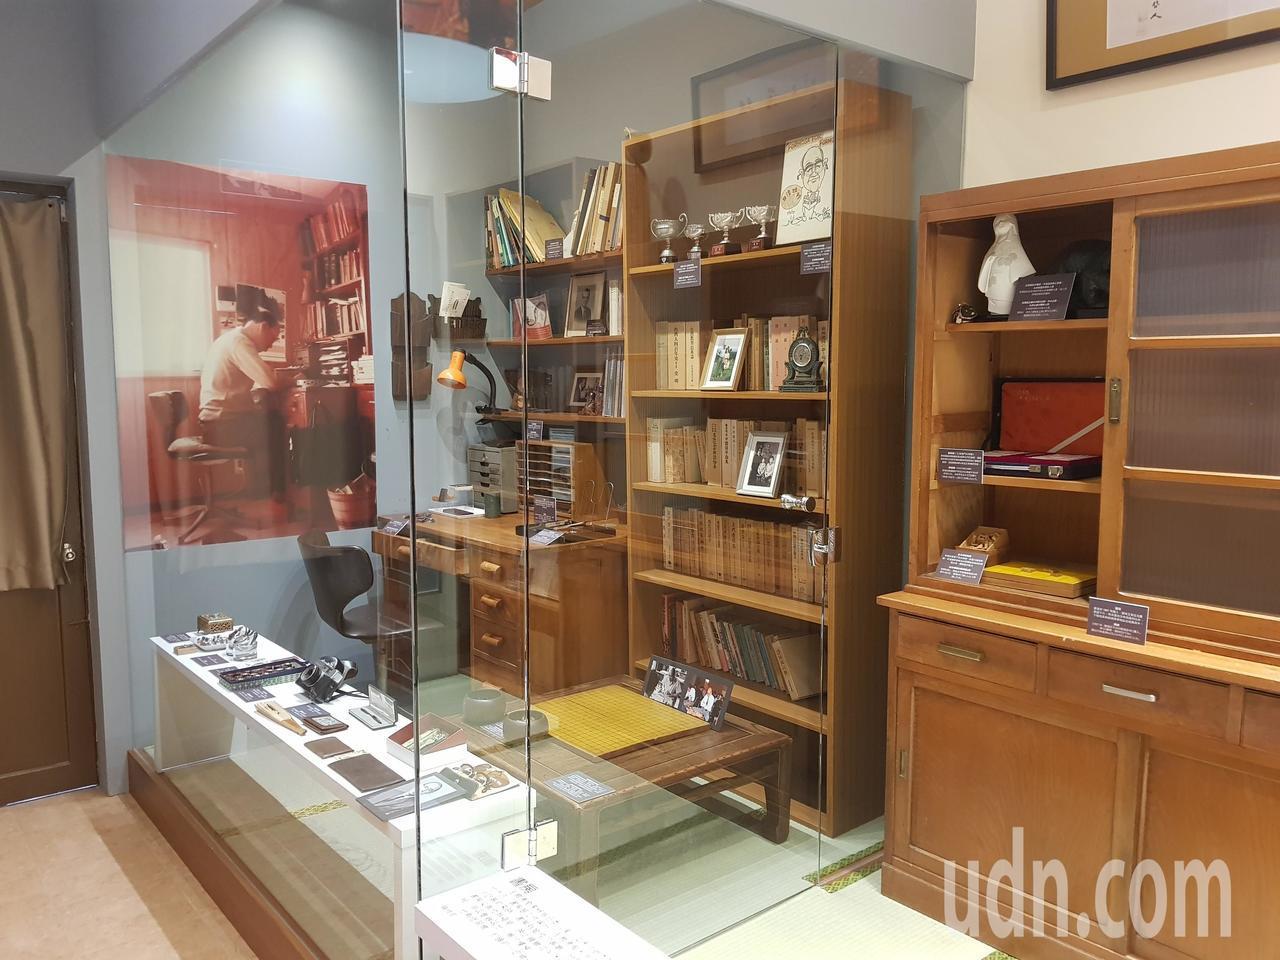 王育德紀念館當中仿照他當年的書房 記者修瑞瑩/攝影